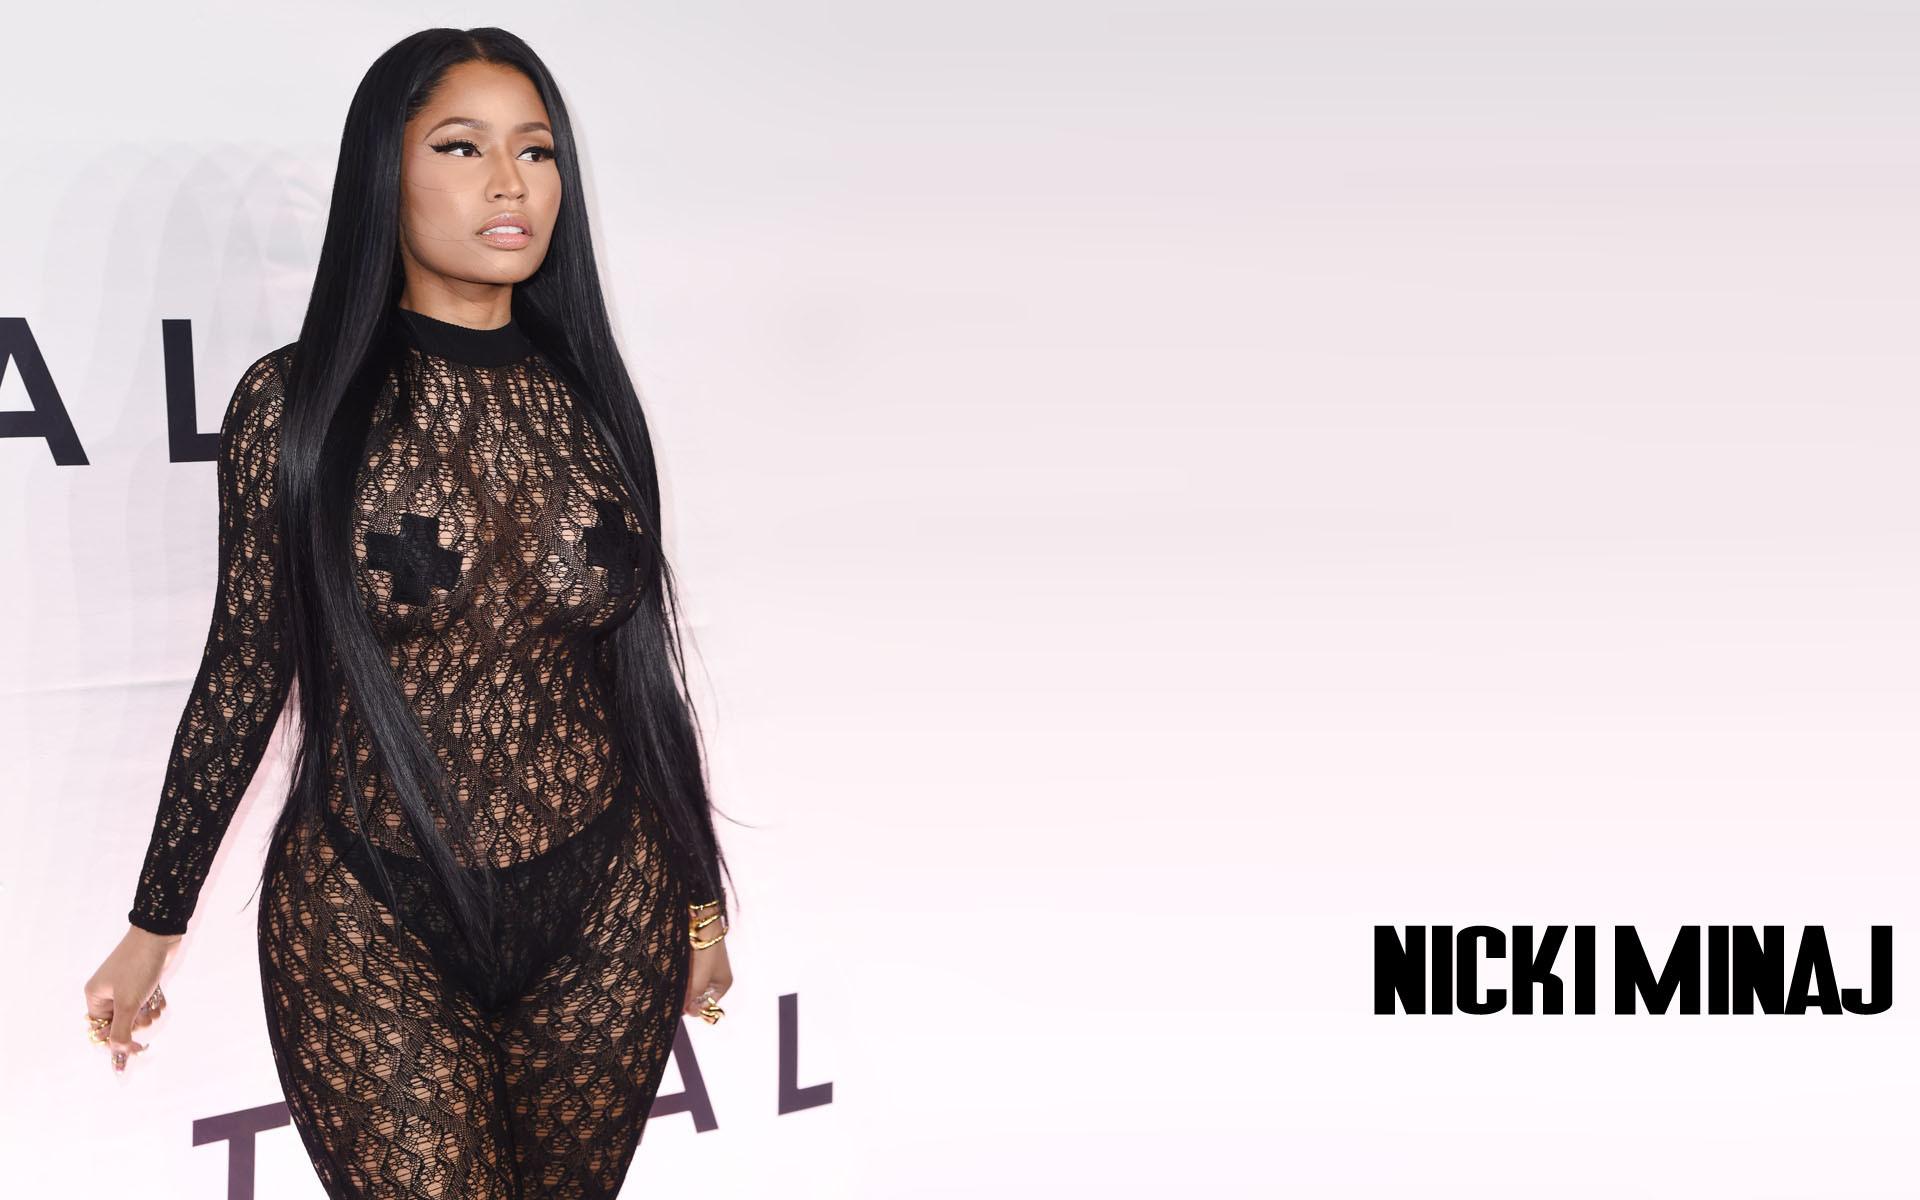 Nicki Minaj Wallpaper 72 Images